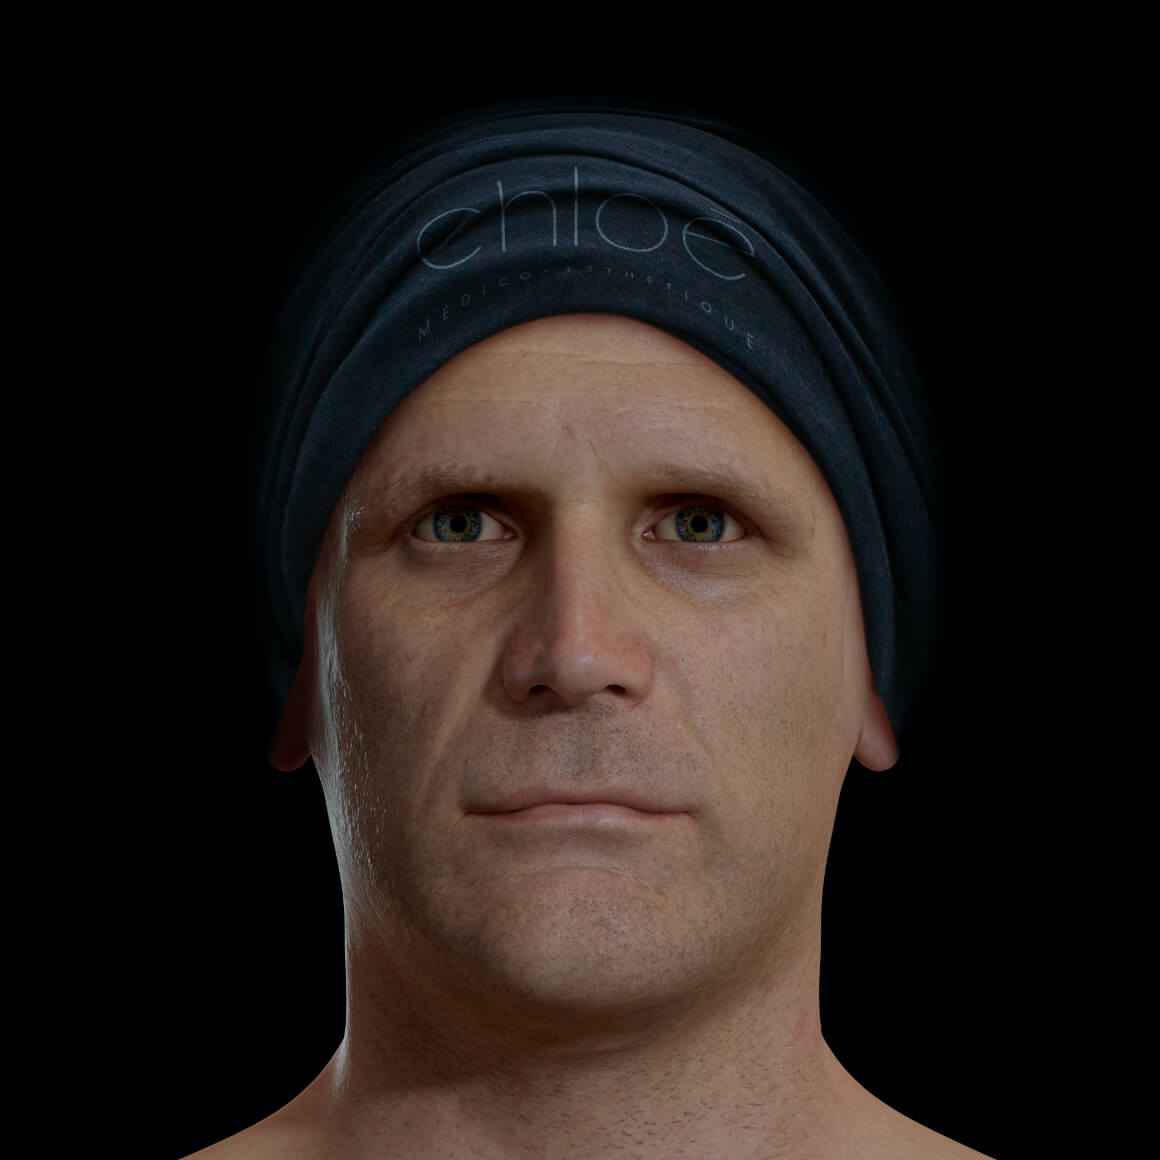 Patient de la Clinique Chloé positionné de face montrant une mâchoire peu définie